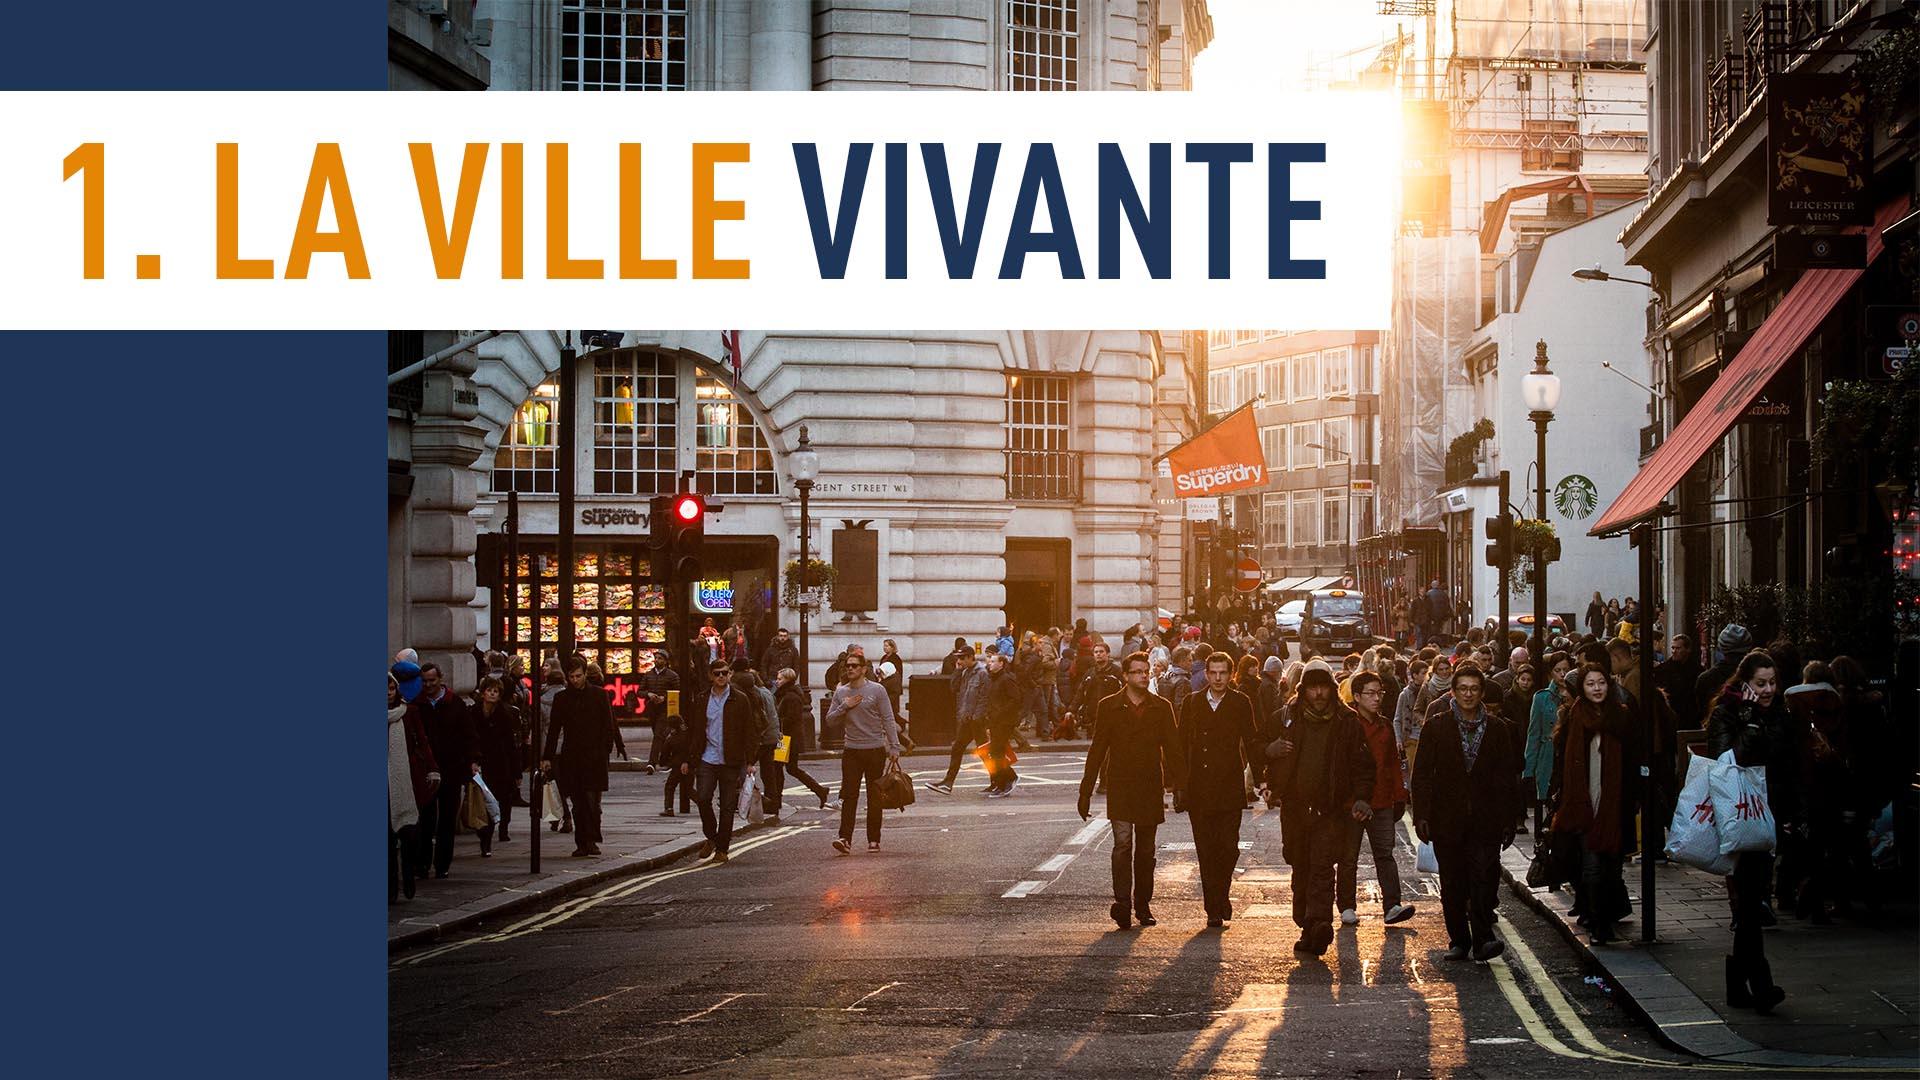 La Ville Vivante